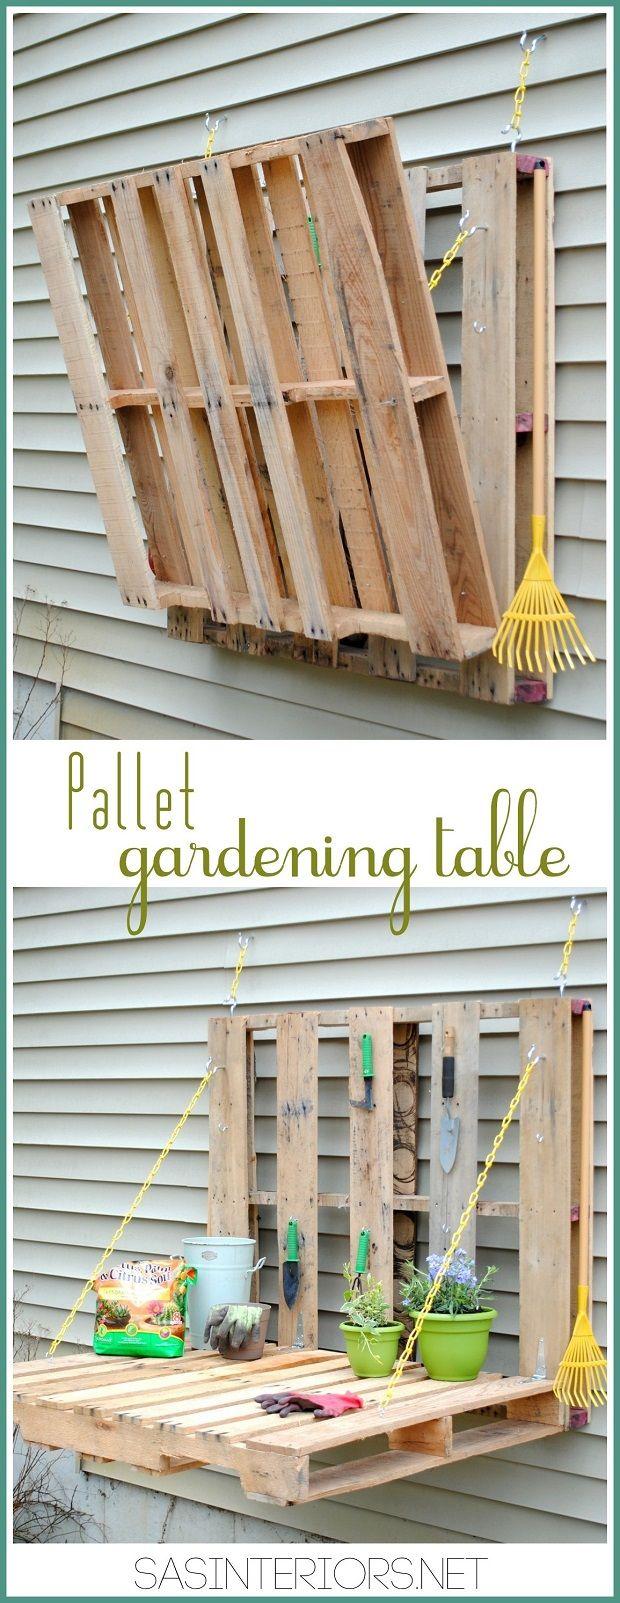 Une idée fantastique avec une palette de bois et beaucoup d'imagination pour la cour et le jardin.